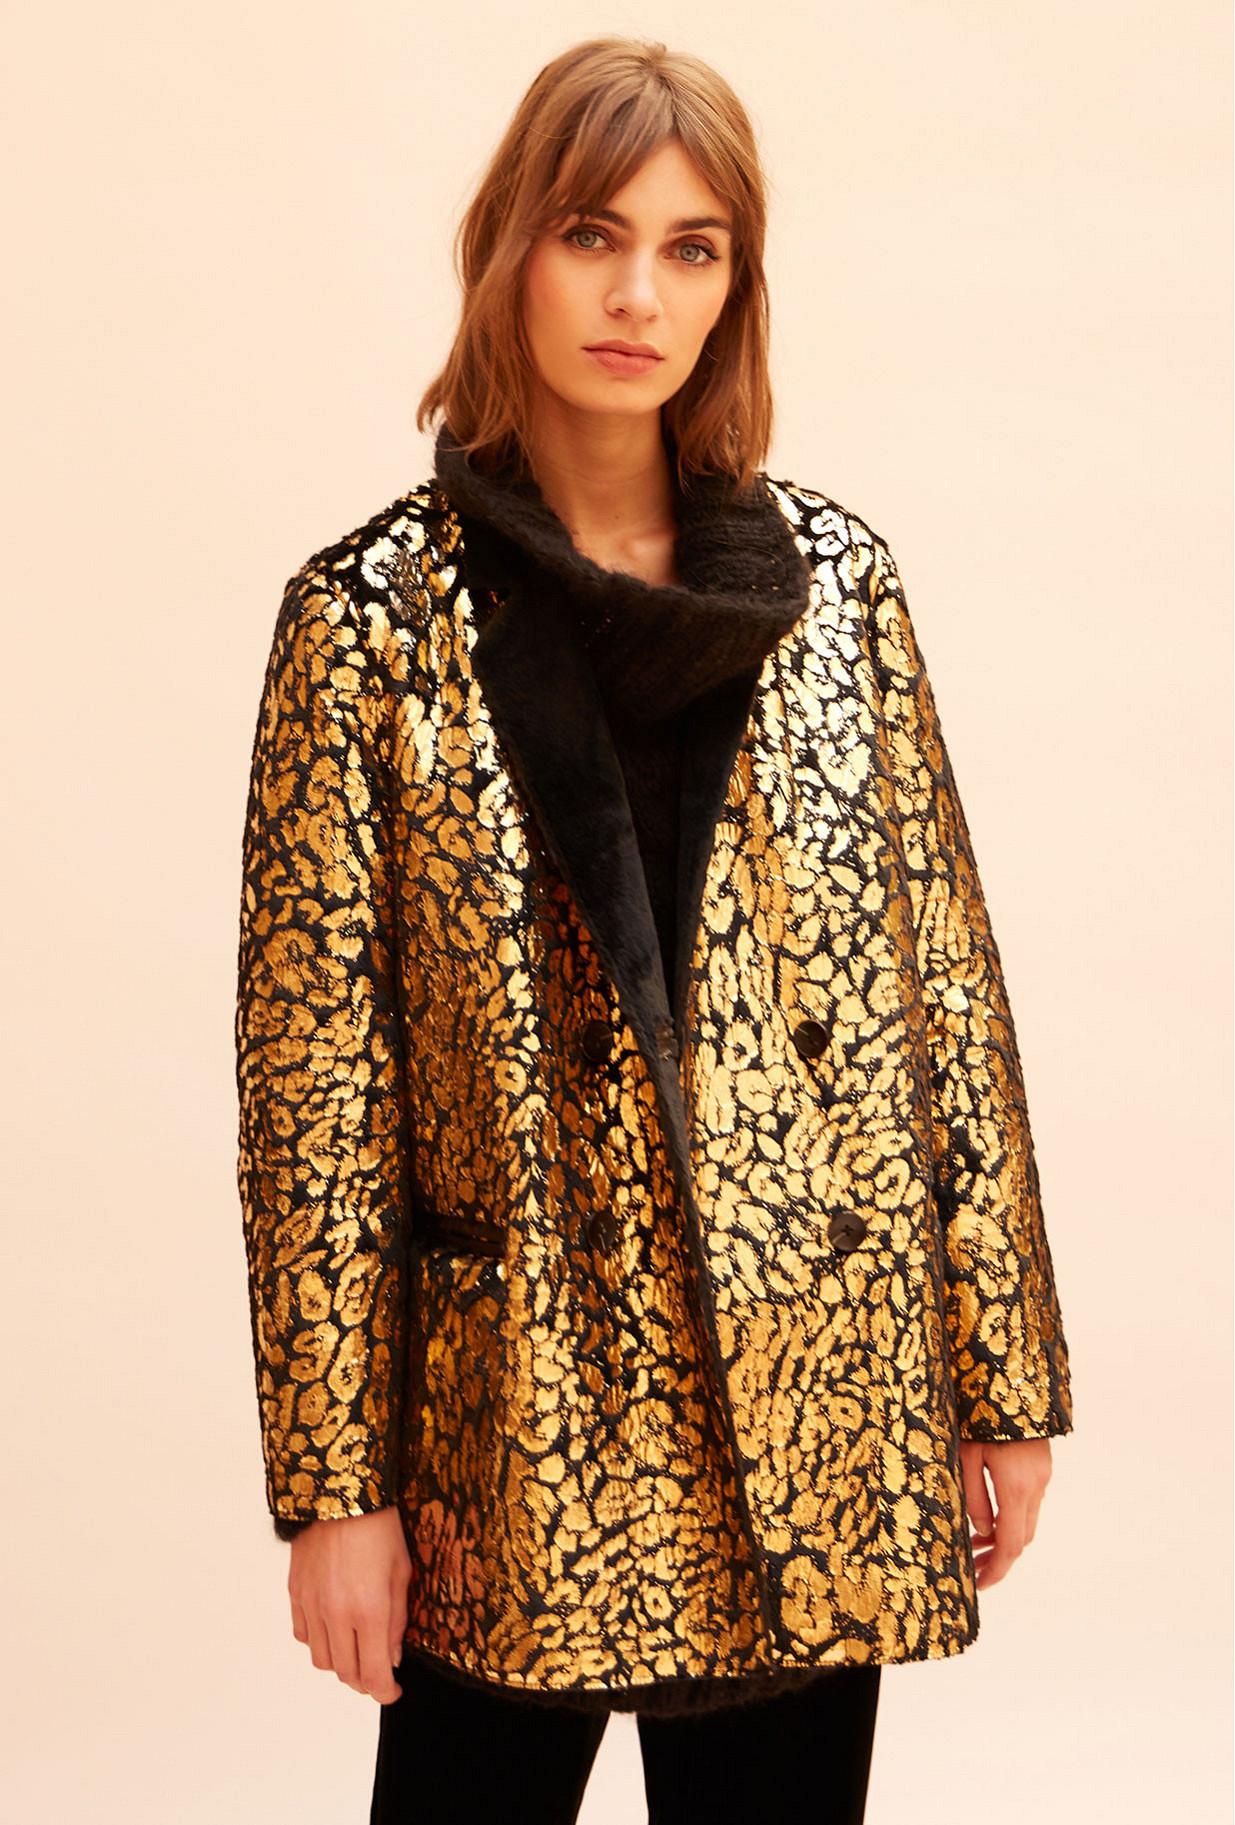 Paris clothes store Jacket  Blondie french designer fashion Paris